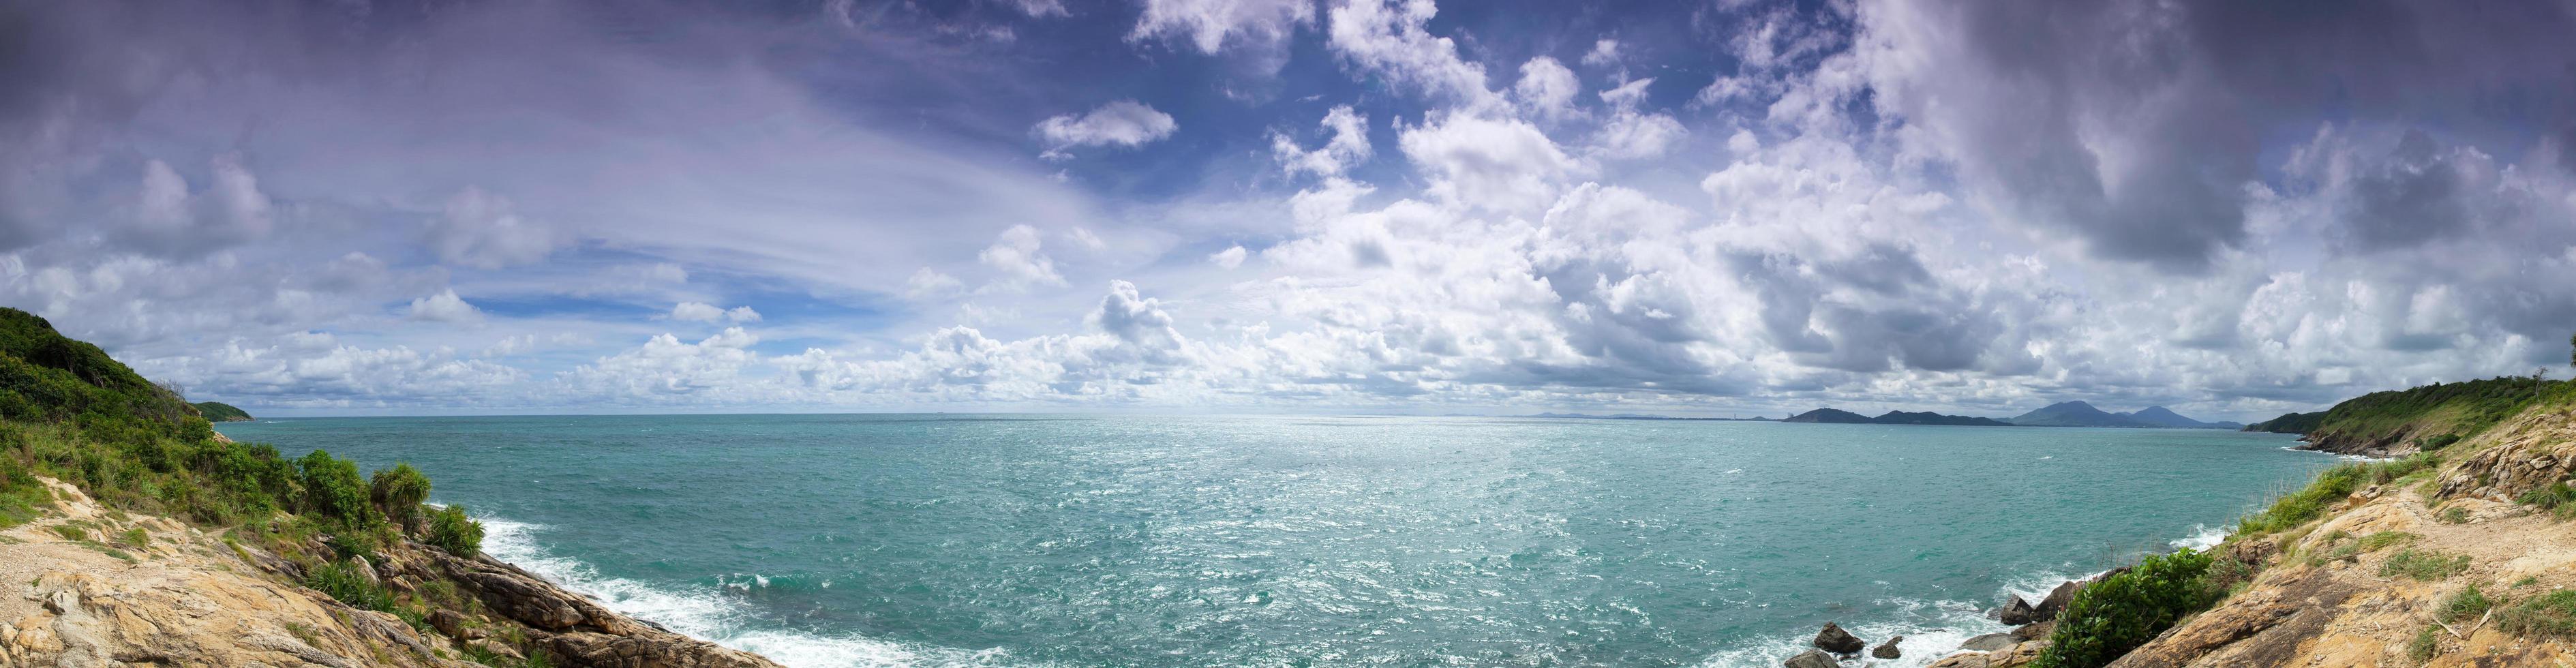 vue depuis l'île photo